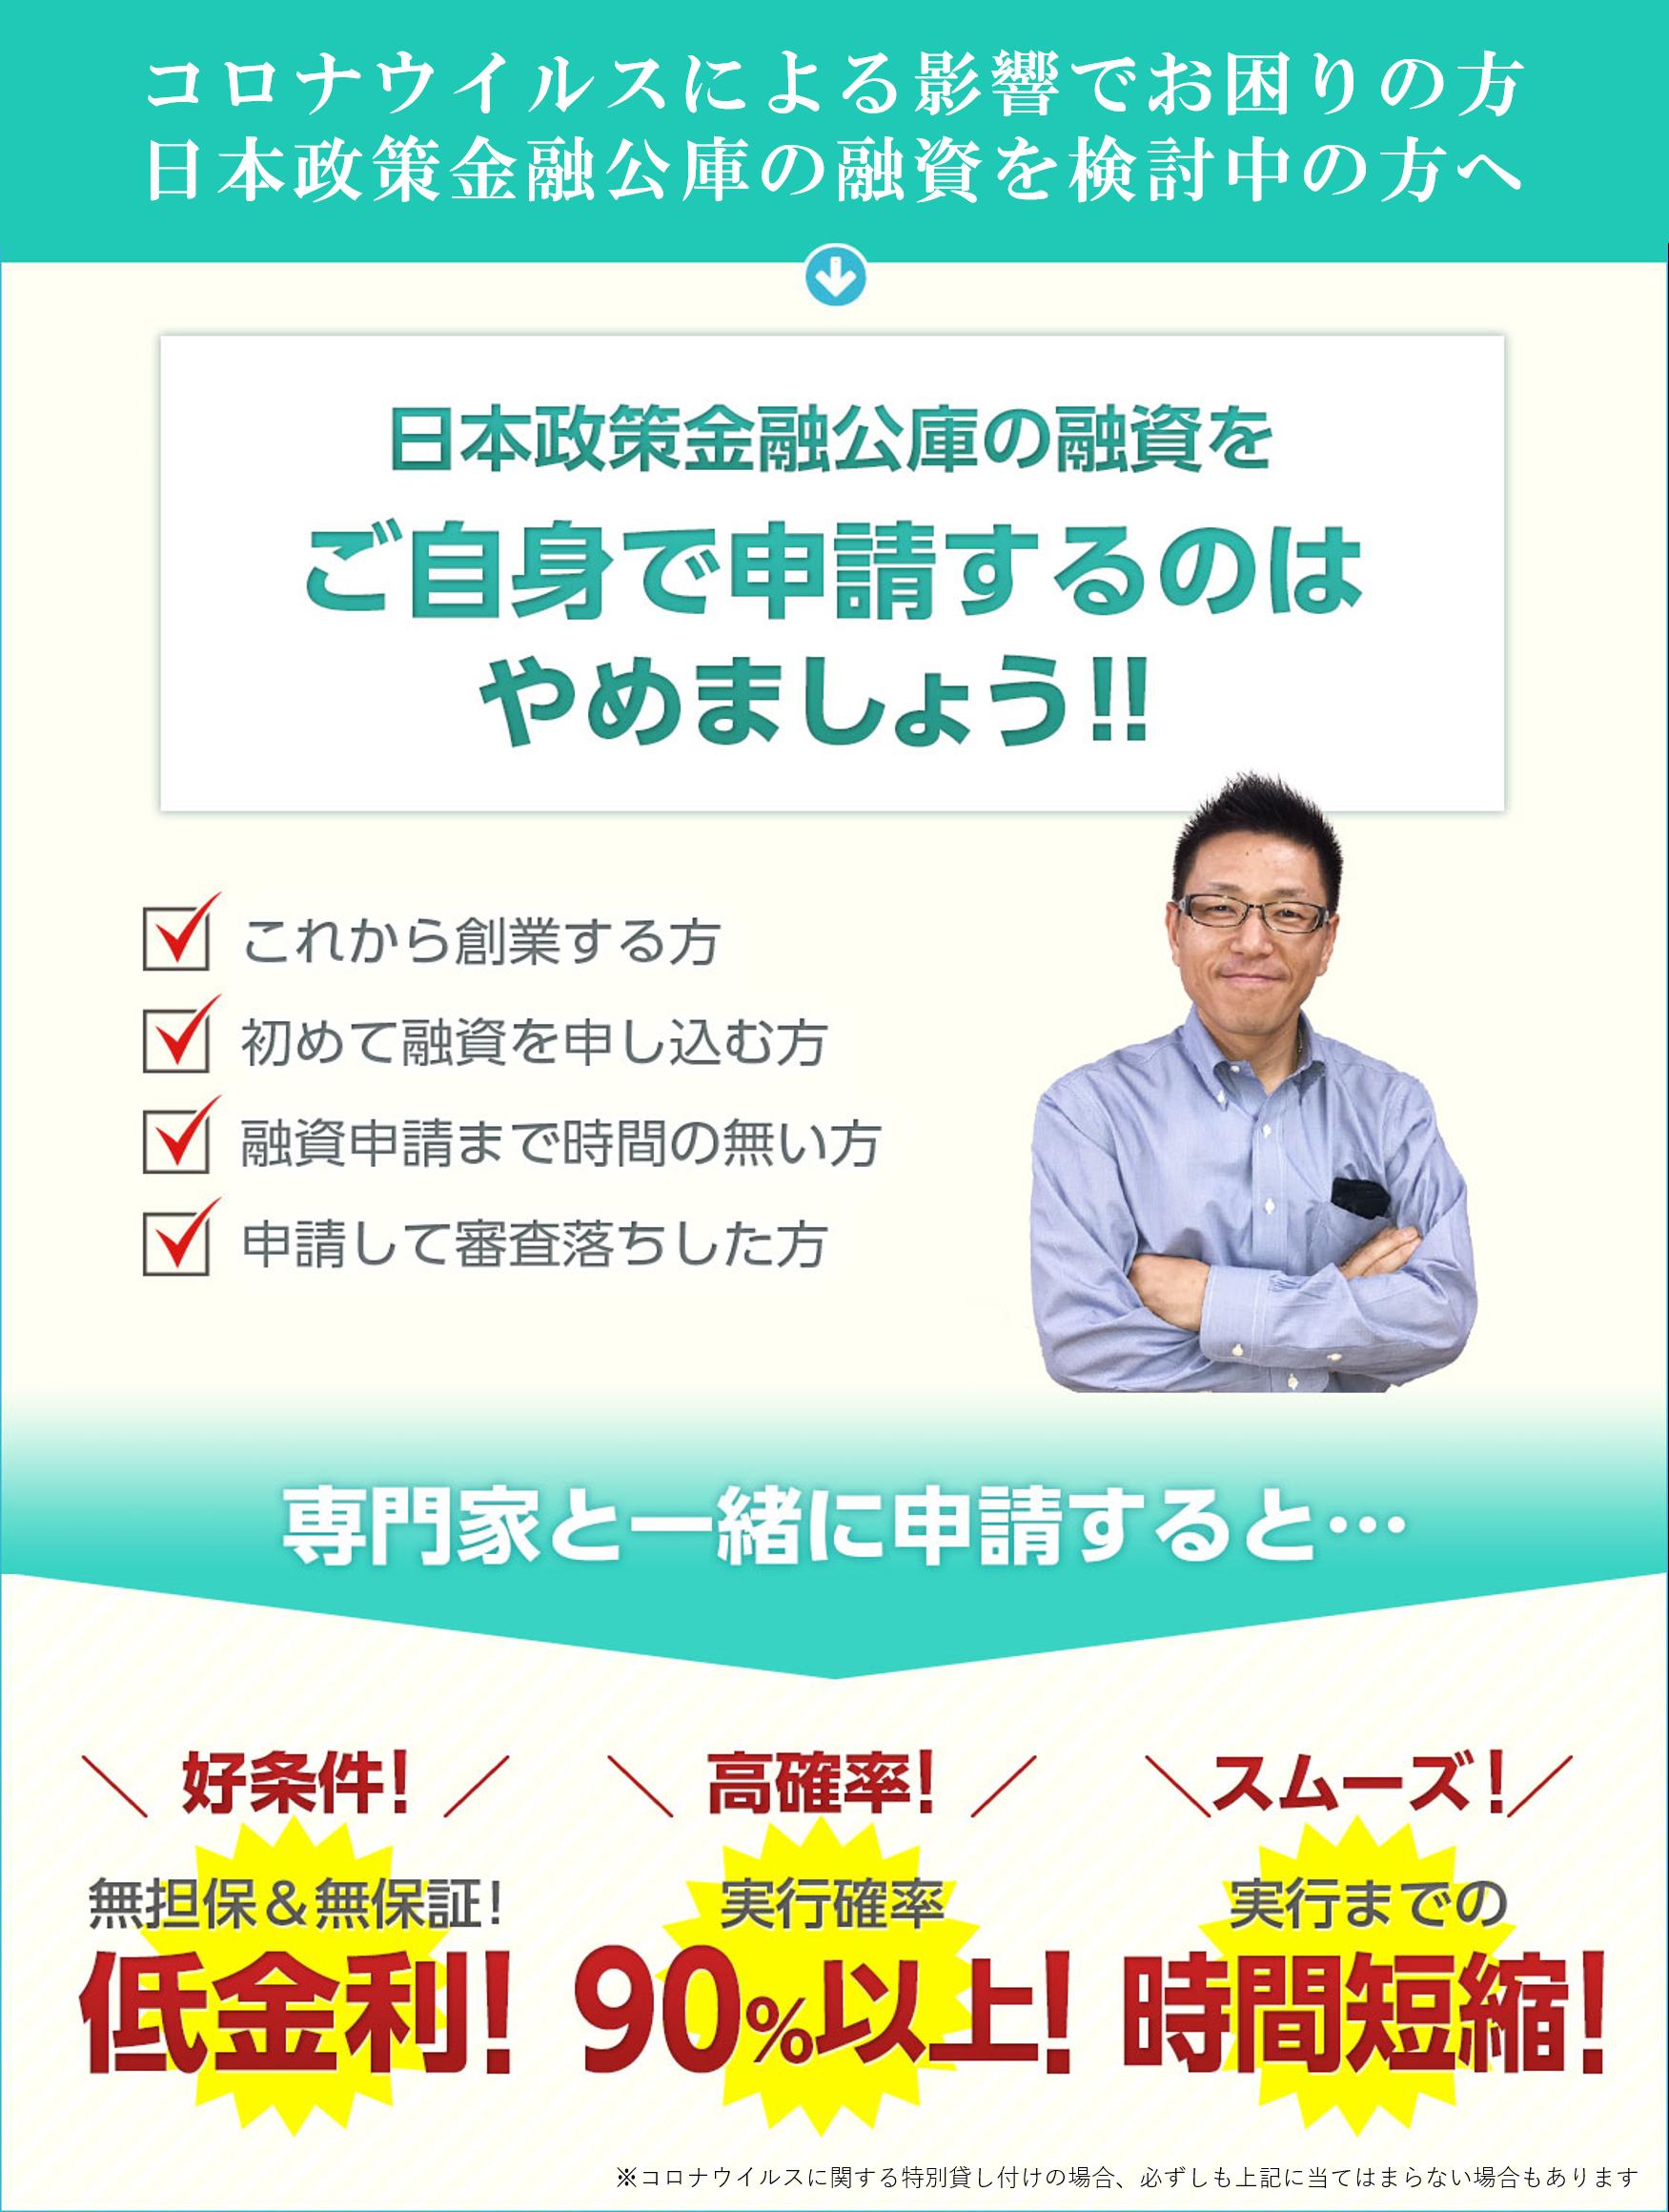 政策 落ち コロナ 金融 日本 公庫 た 融資